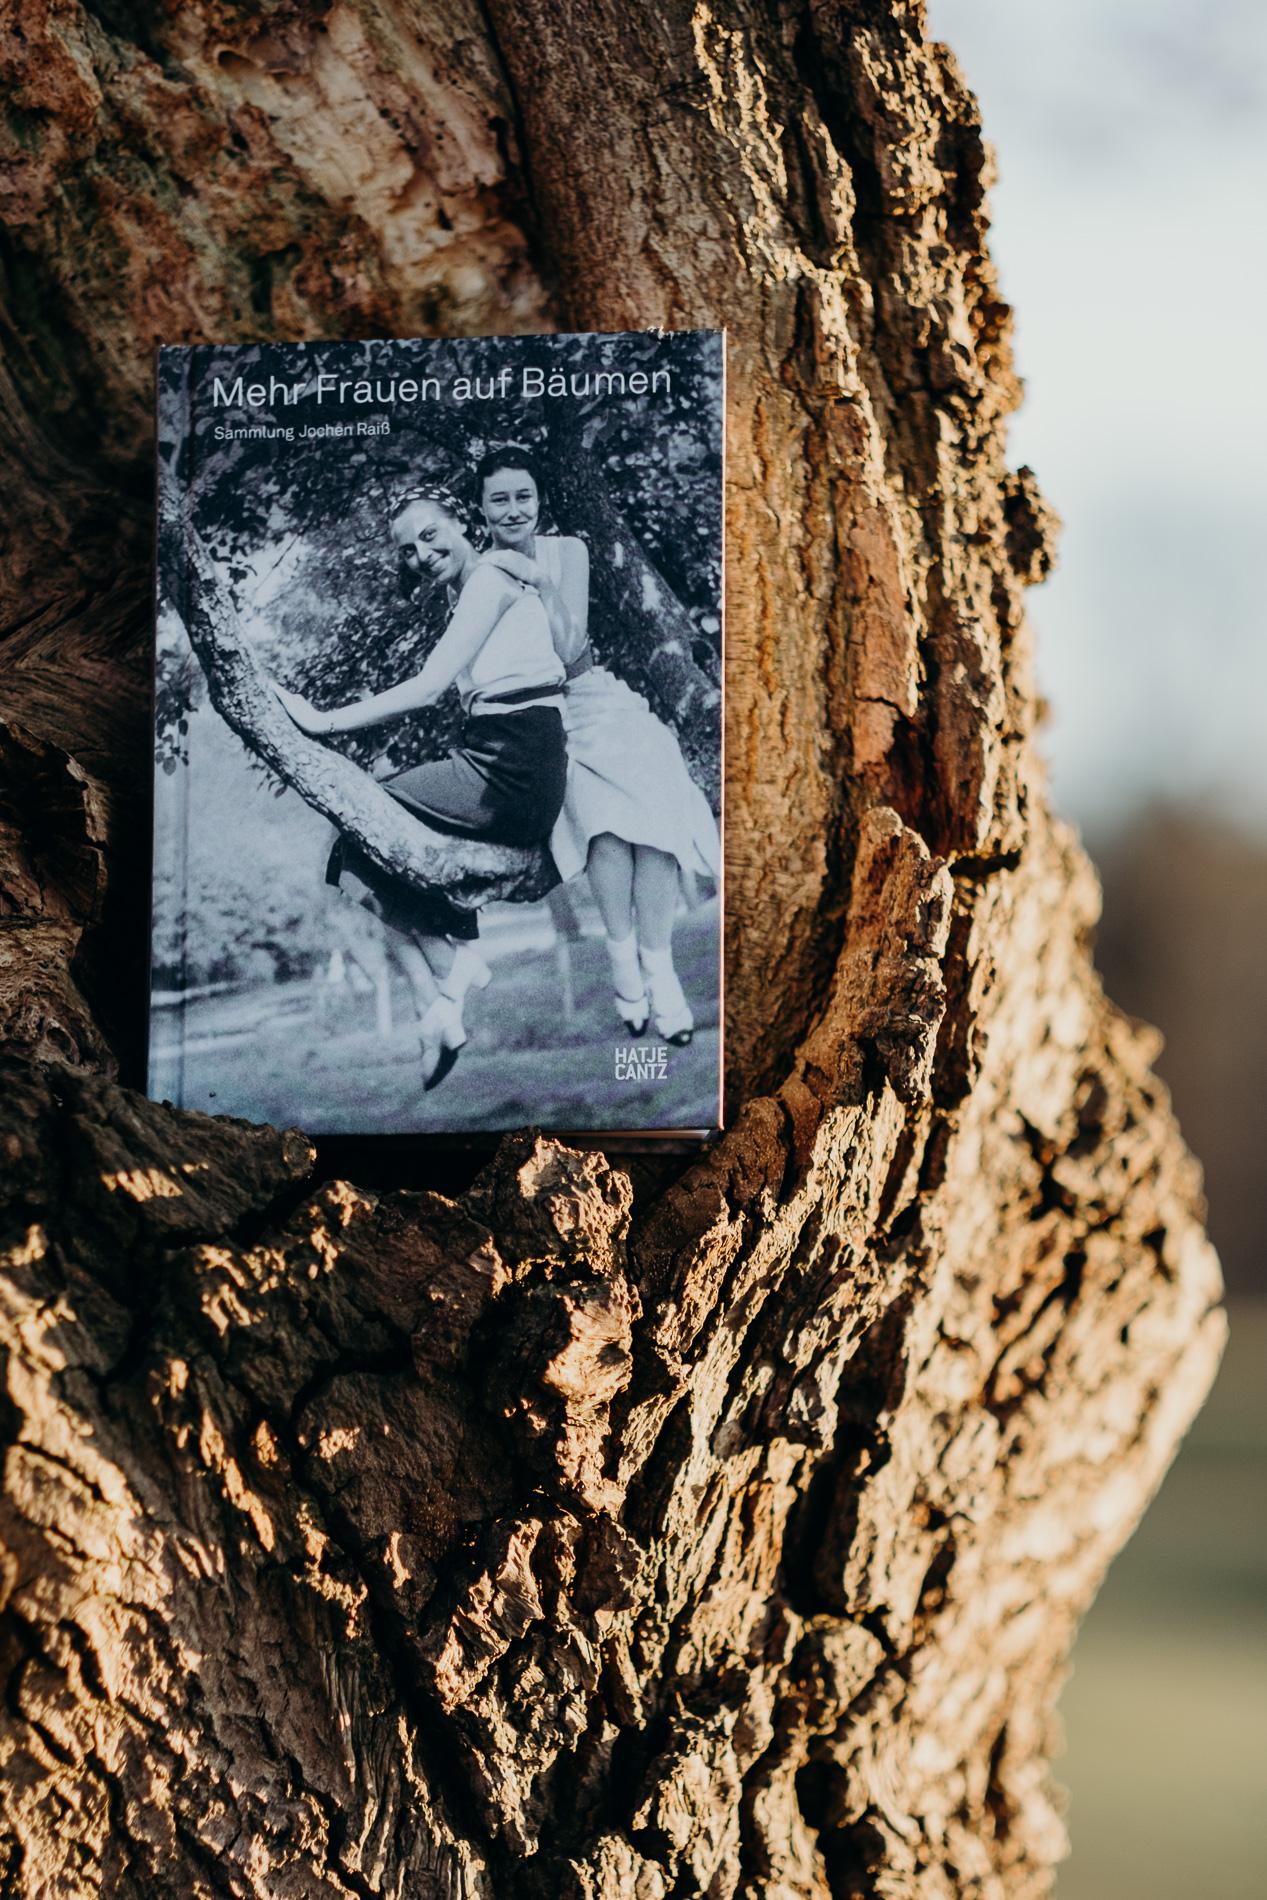 Frauen auf Bäumen - ein Revival